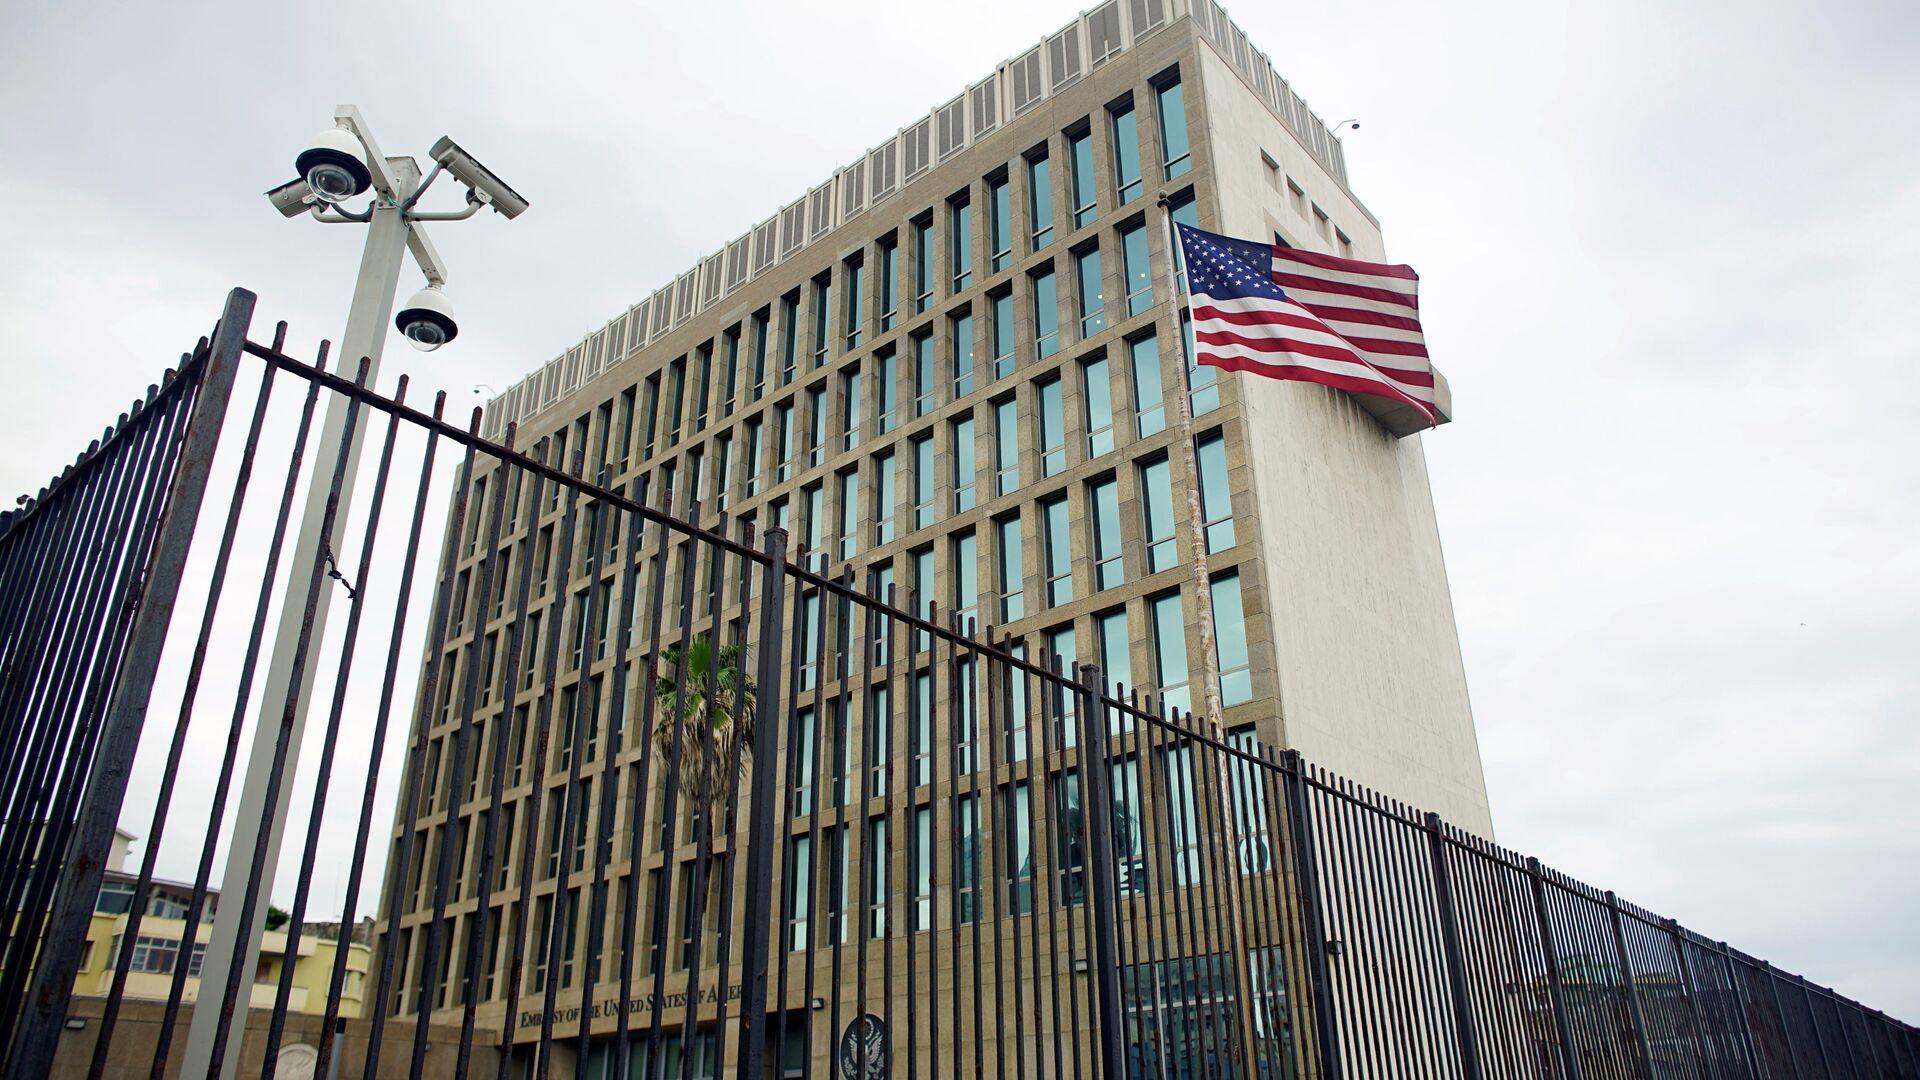 La embajada de EEUU en La Habana, Cuba - Sputnik Mundo, 1920, 15.09.2021